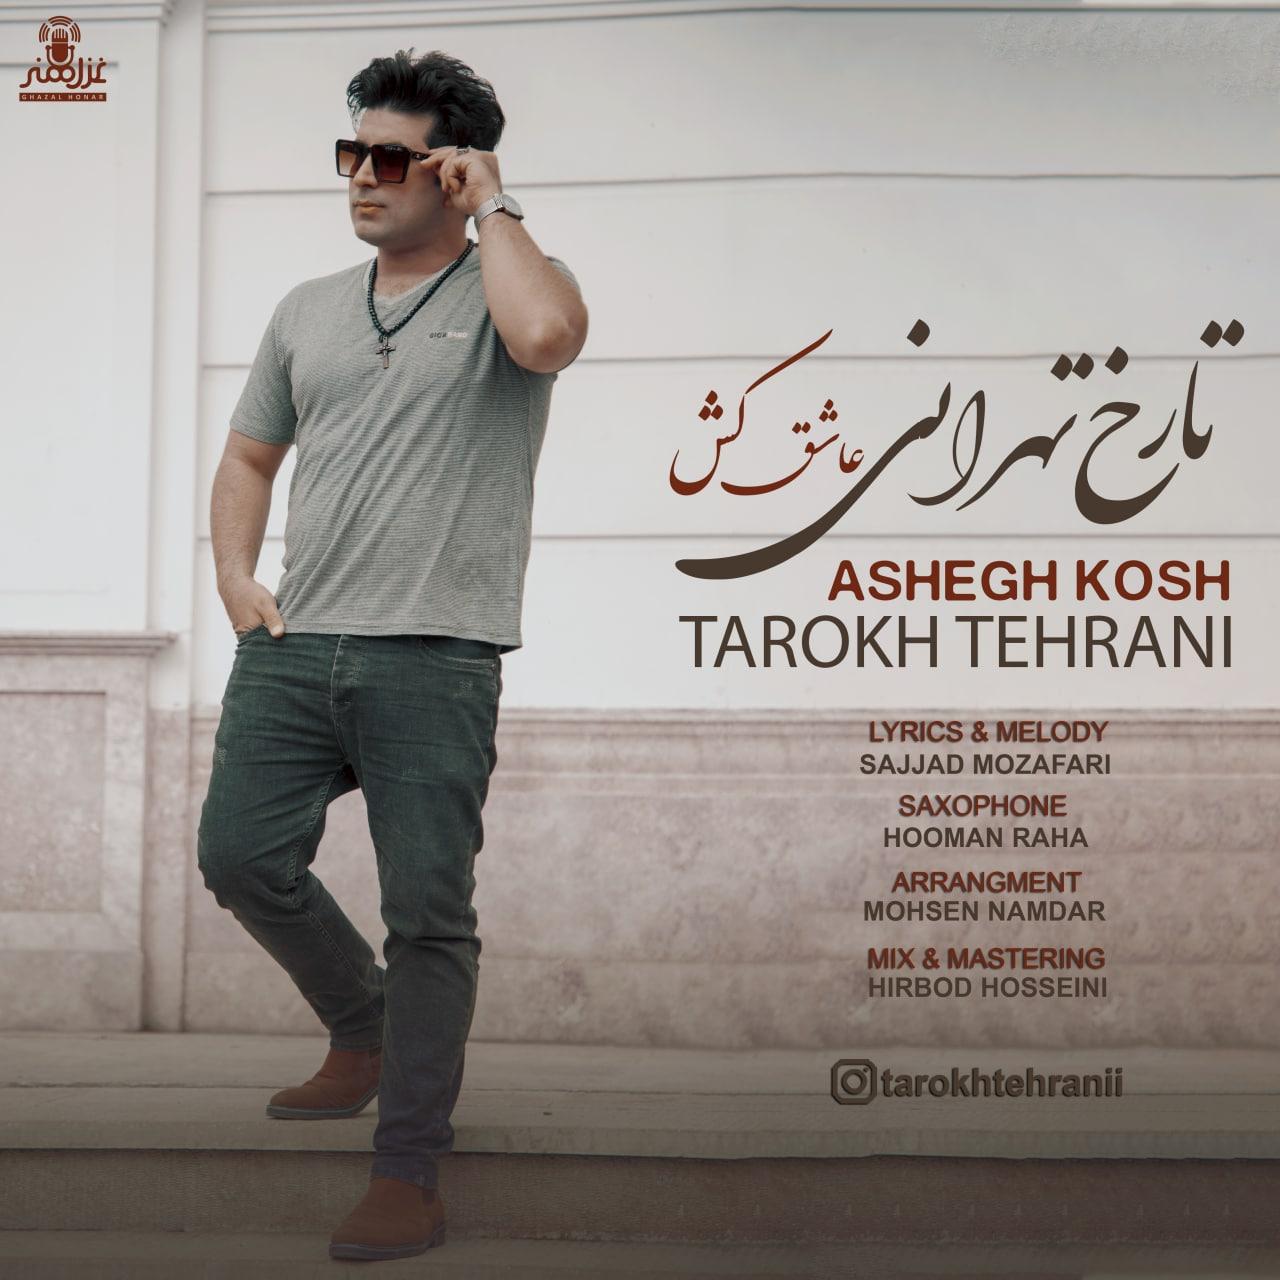 تارخ تهرانی عاشق کش